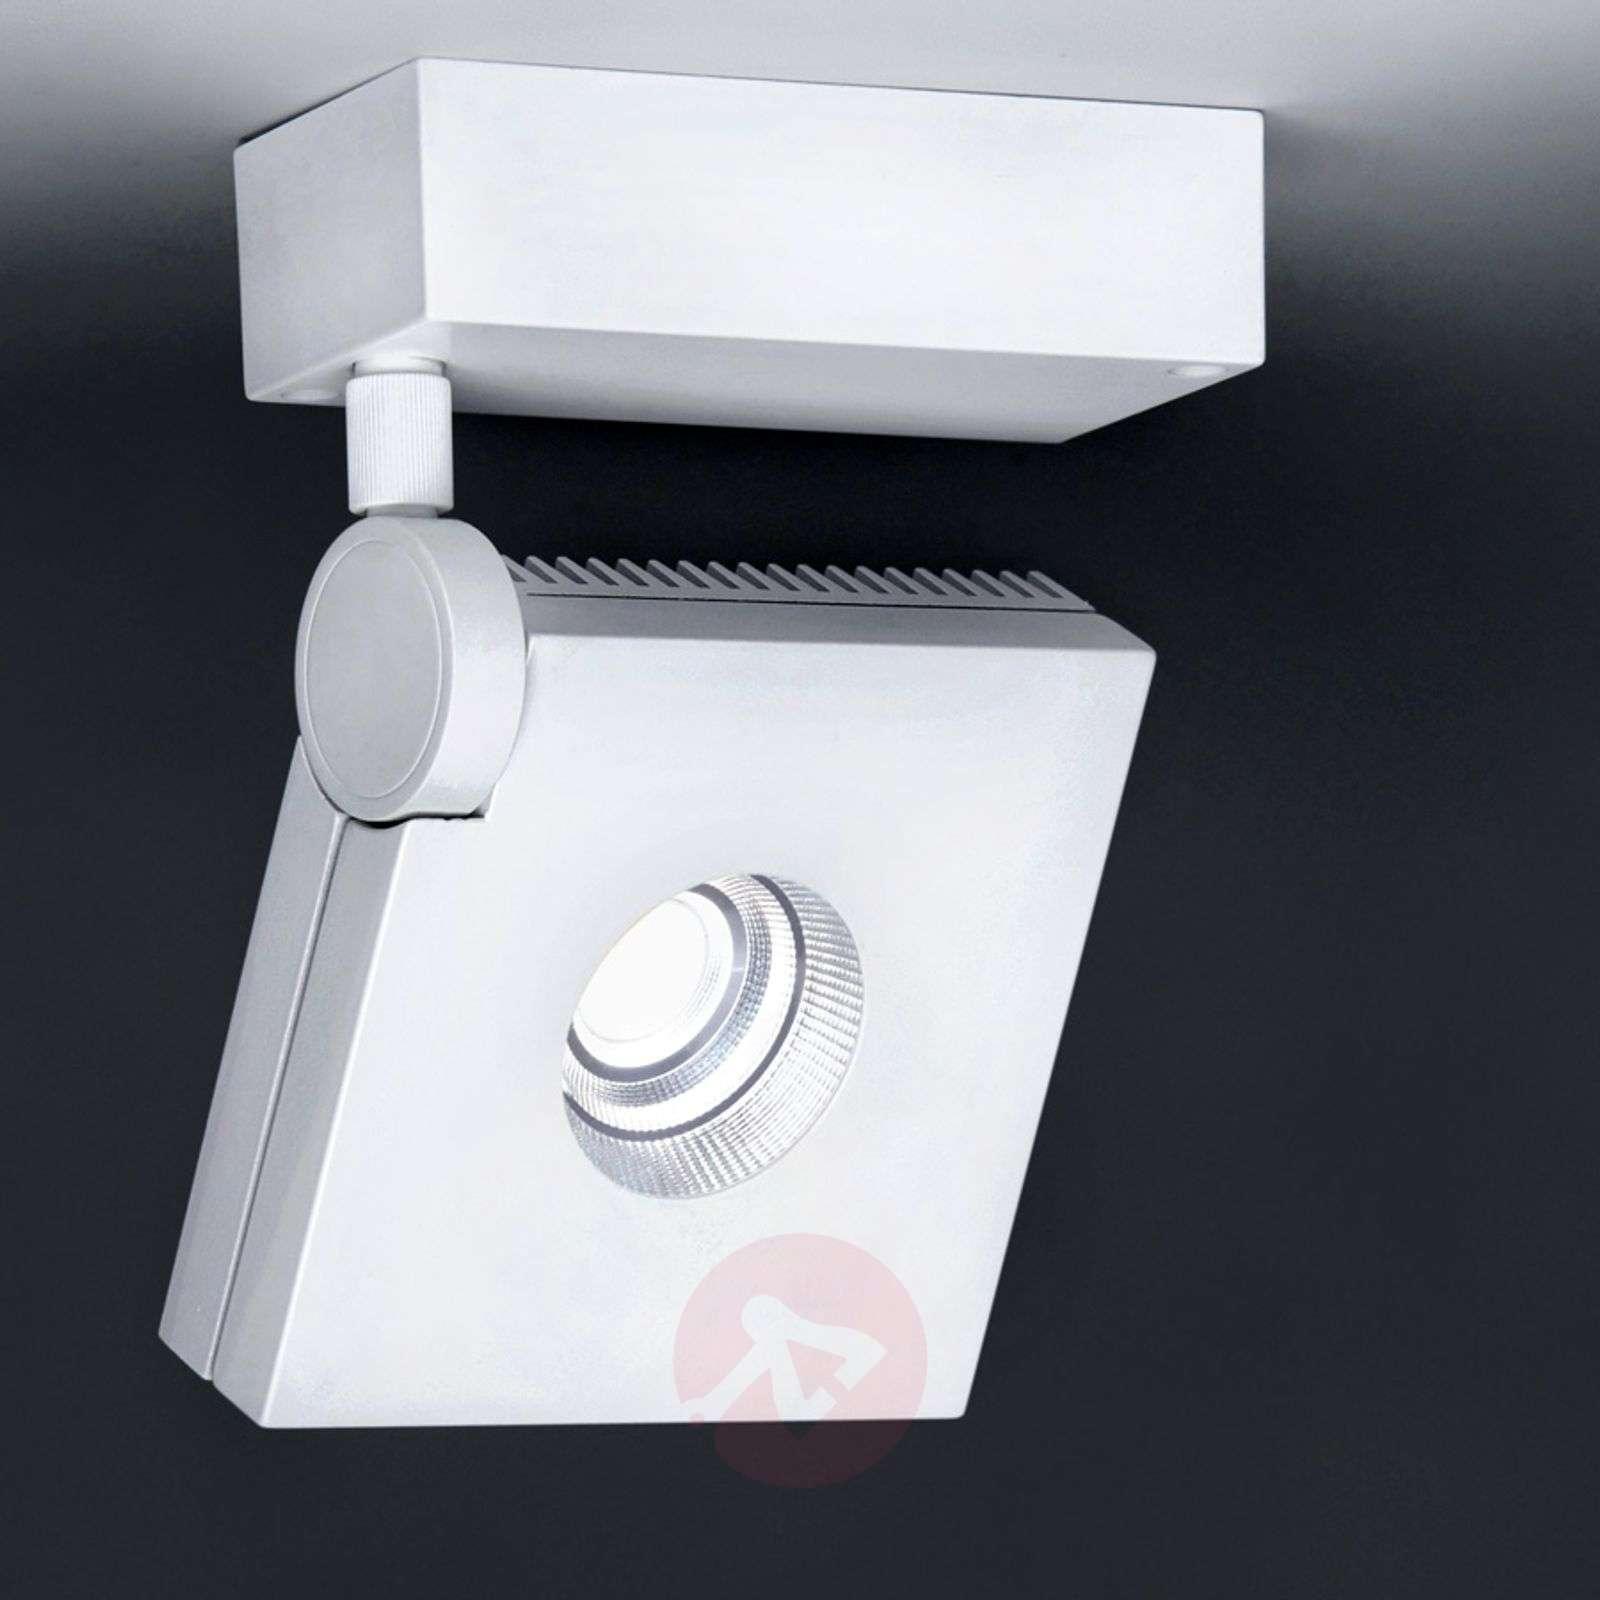 Kierrettävä/käännettävä LED-seinävalaisin Bridge-6708008-01